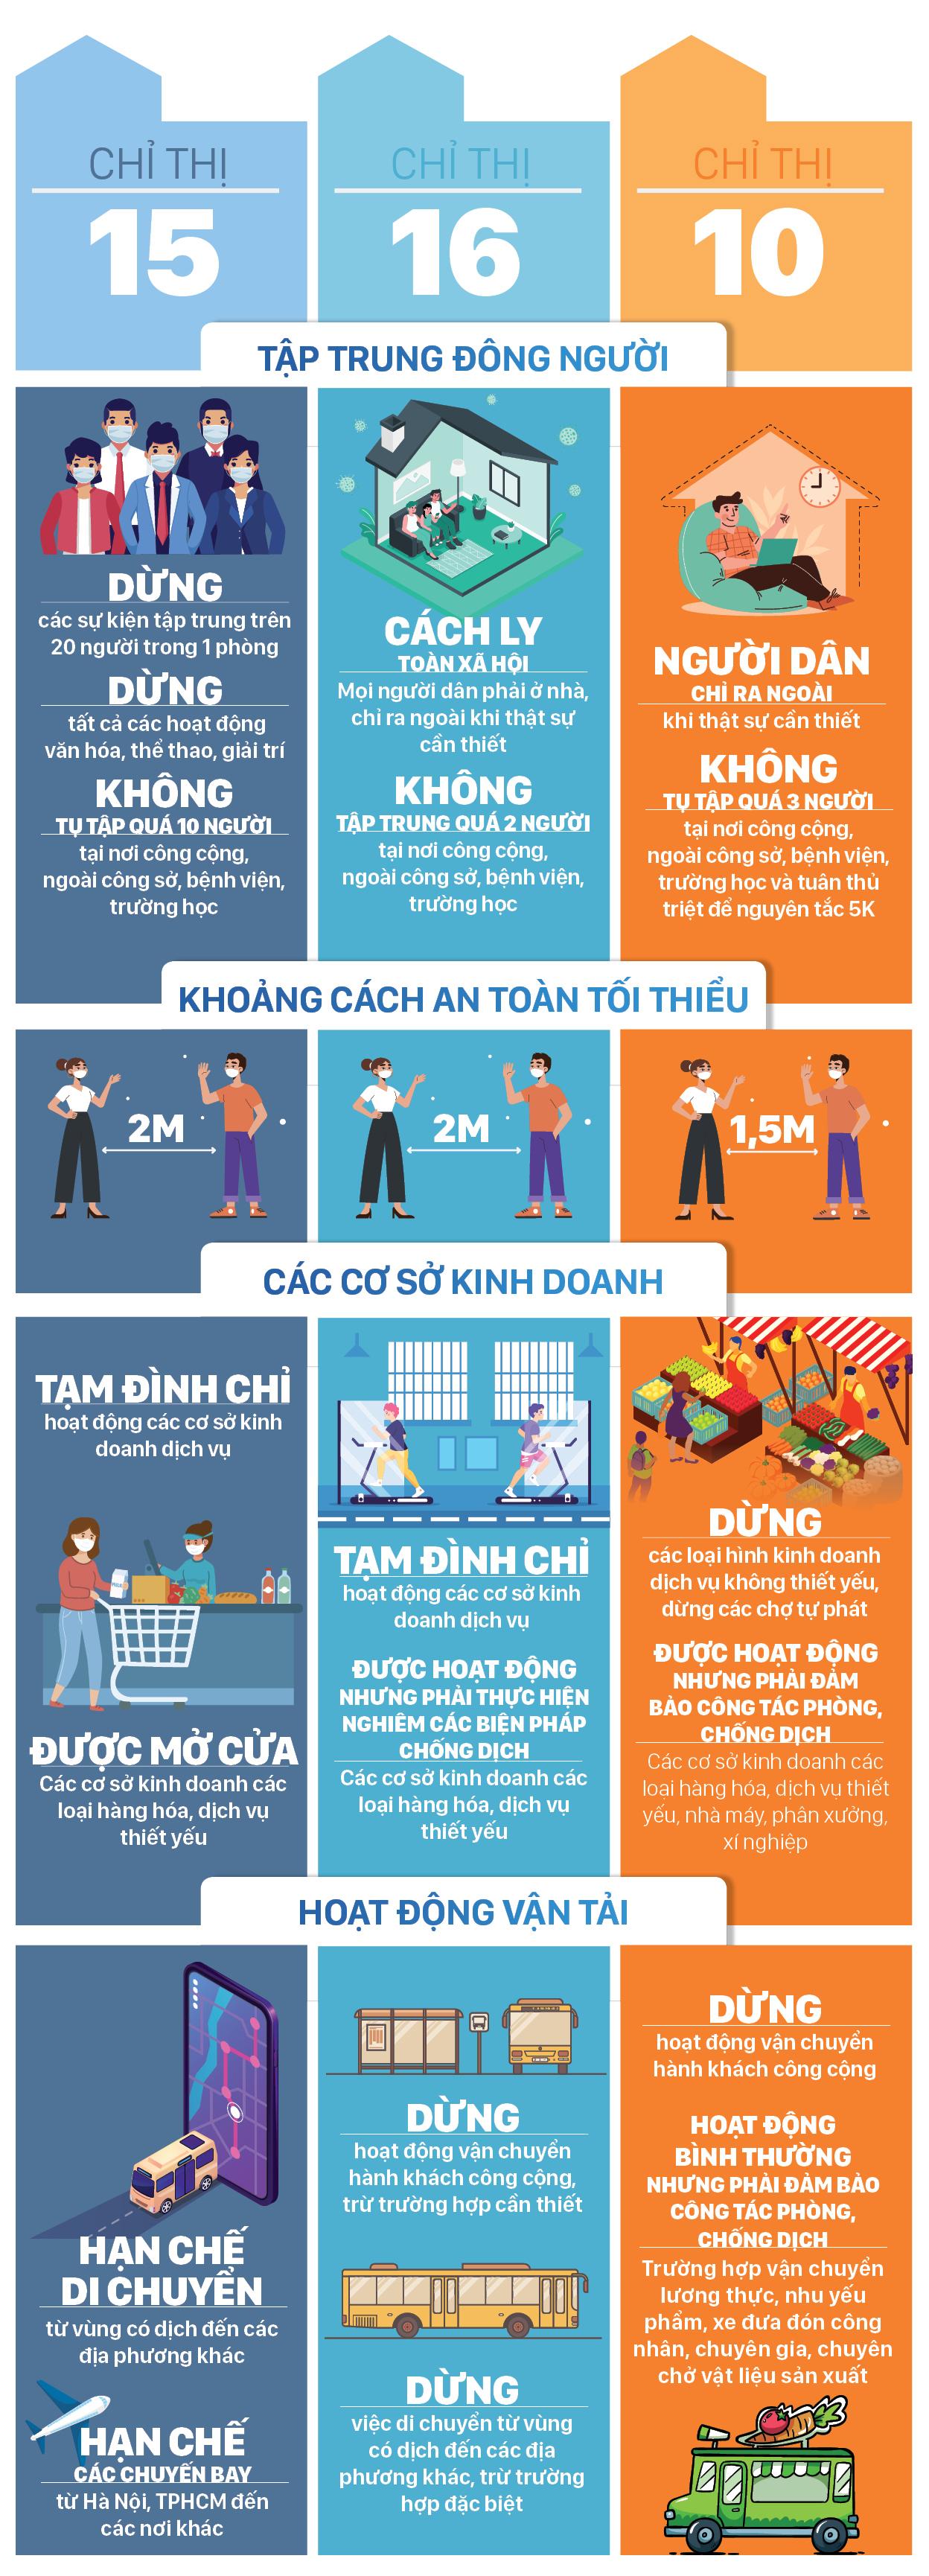 Những điểm khác biệt giữa Chỉ thị 15, 16 của Thủ tướng Chính phủ và Chỉ thị 10 của UBND TPHCM ảnh 2